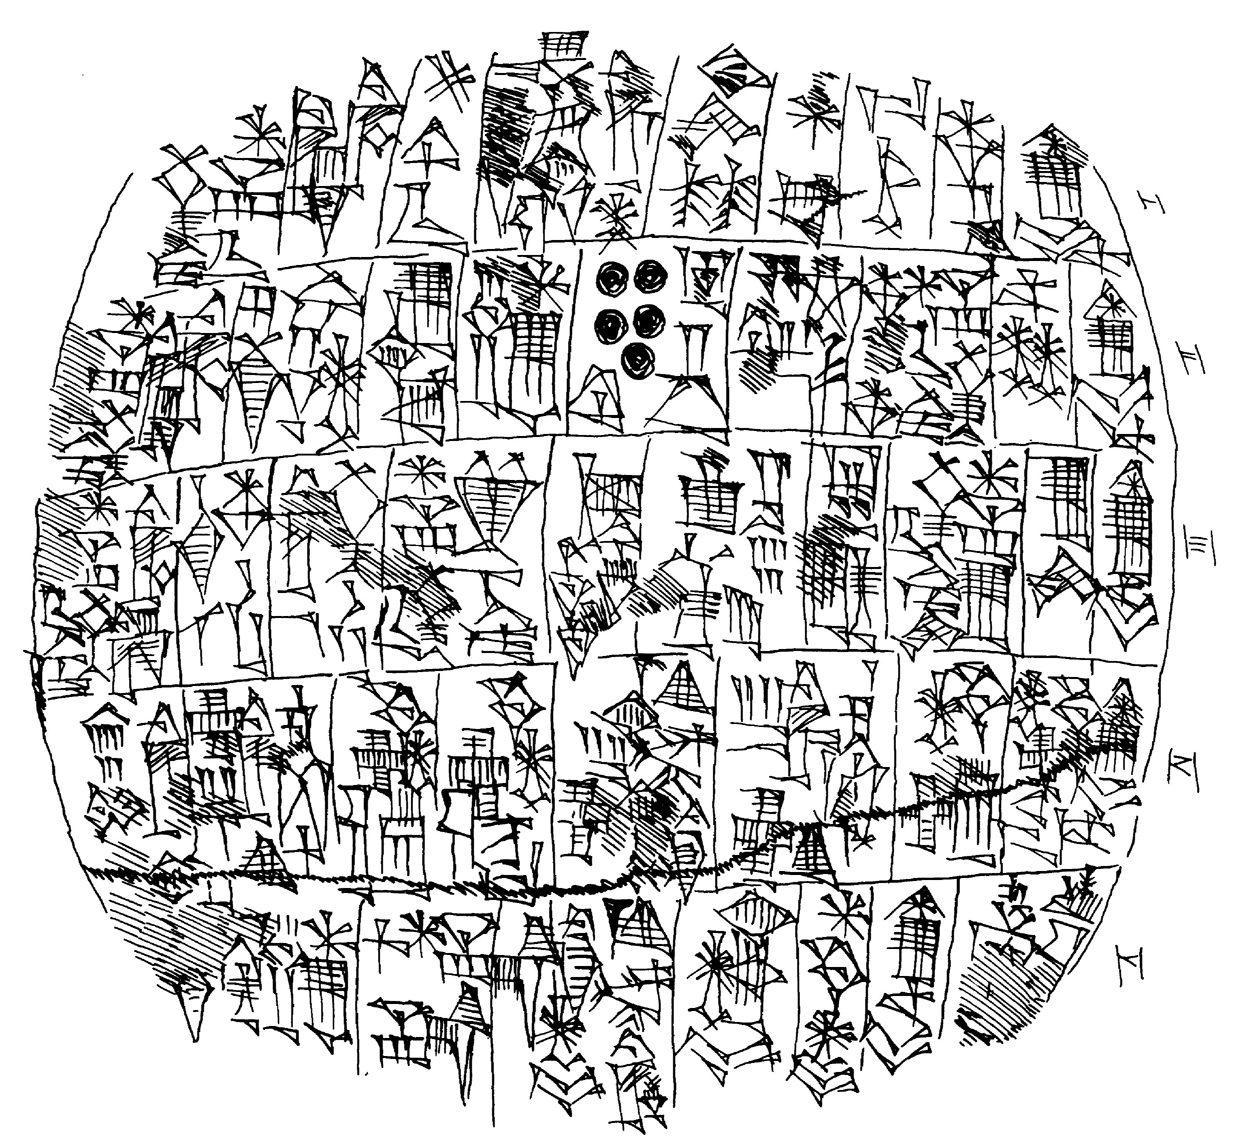 Рис. 7. Сборник заклинаний VAT 12597. Лицевая сторона. Копия выполнена М. Креберником. Оригинал хранится в Пергамском музее в Берлине. Опубликовано с разрешения М. Креберника